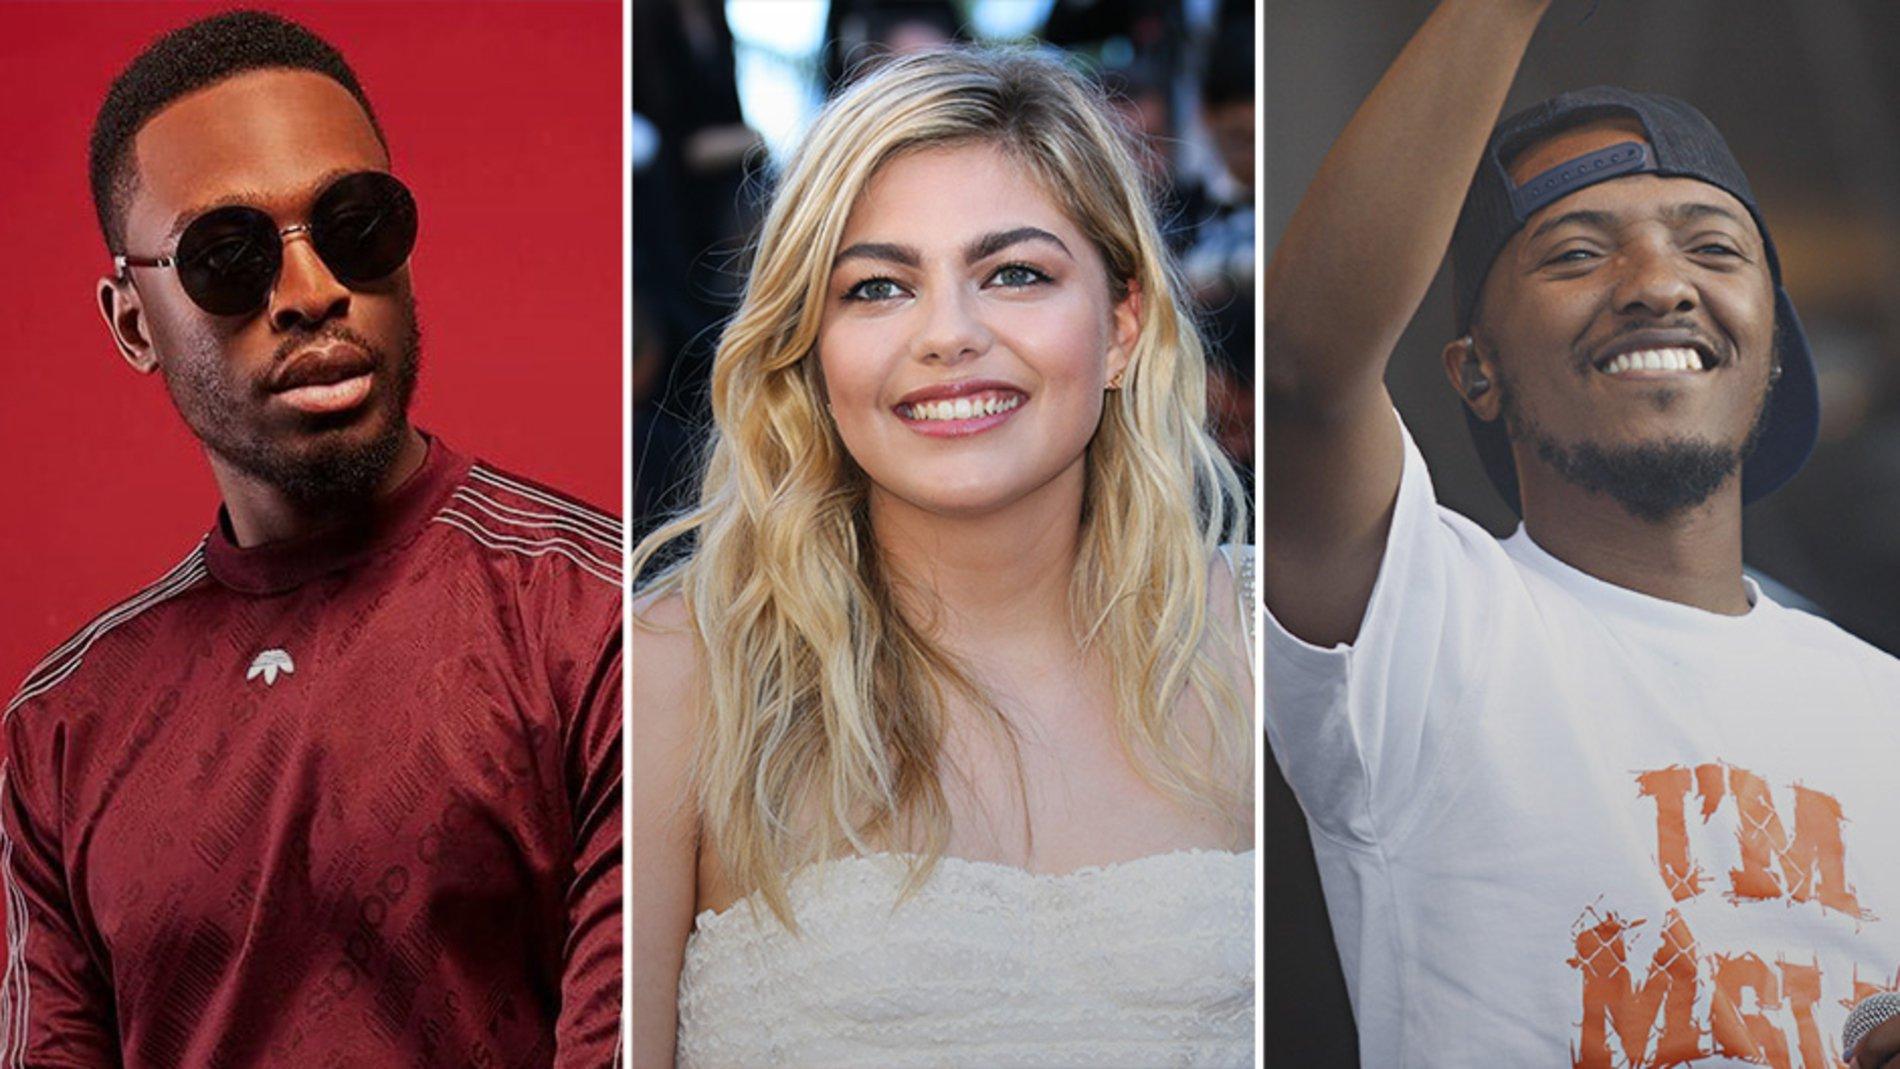 De jeunes artistes très populaires en cette année 2019